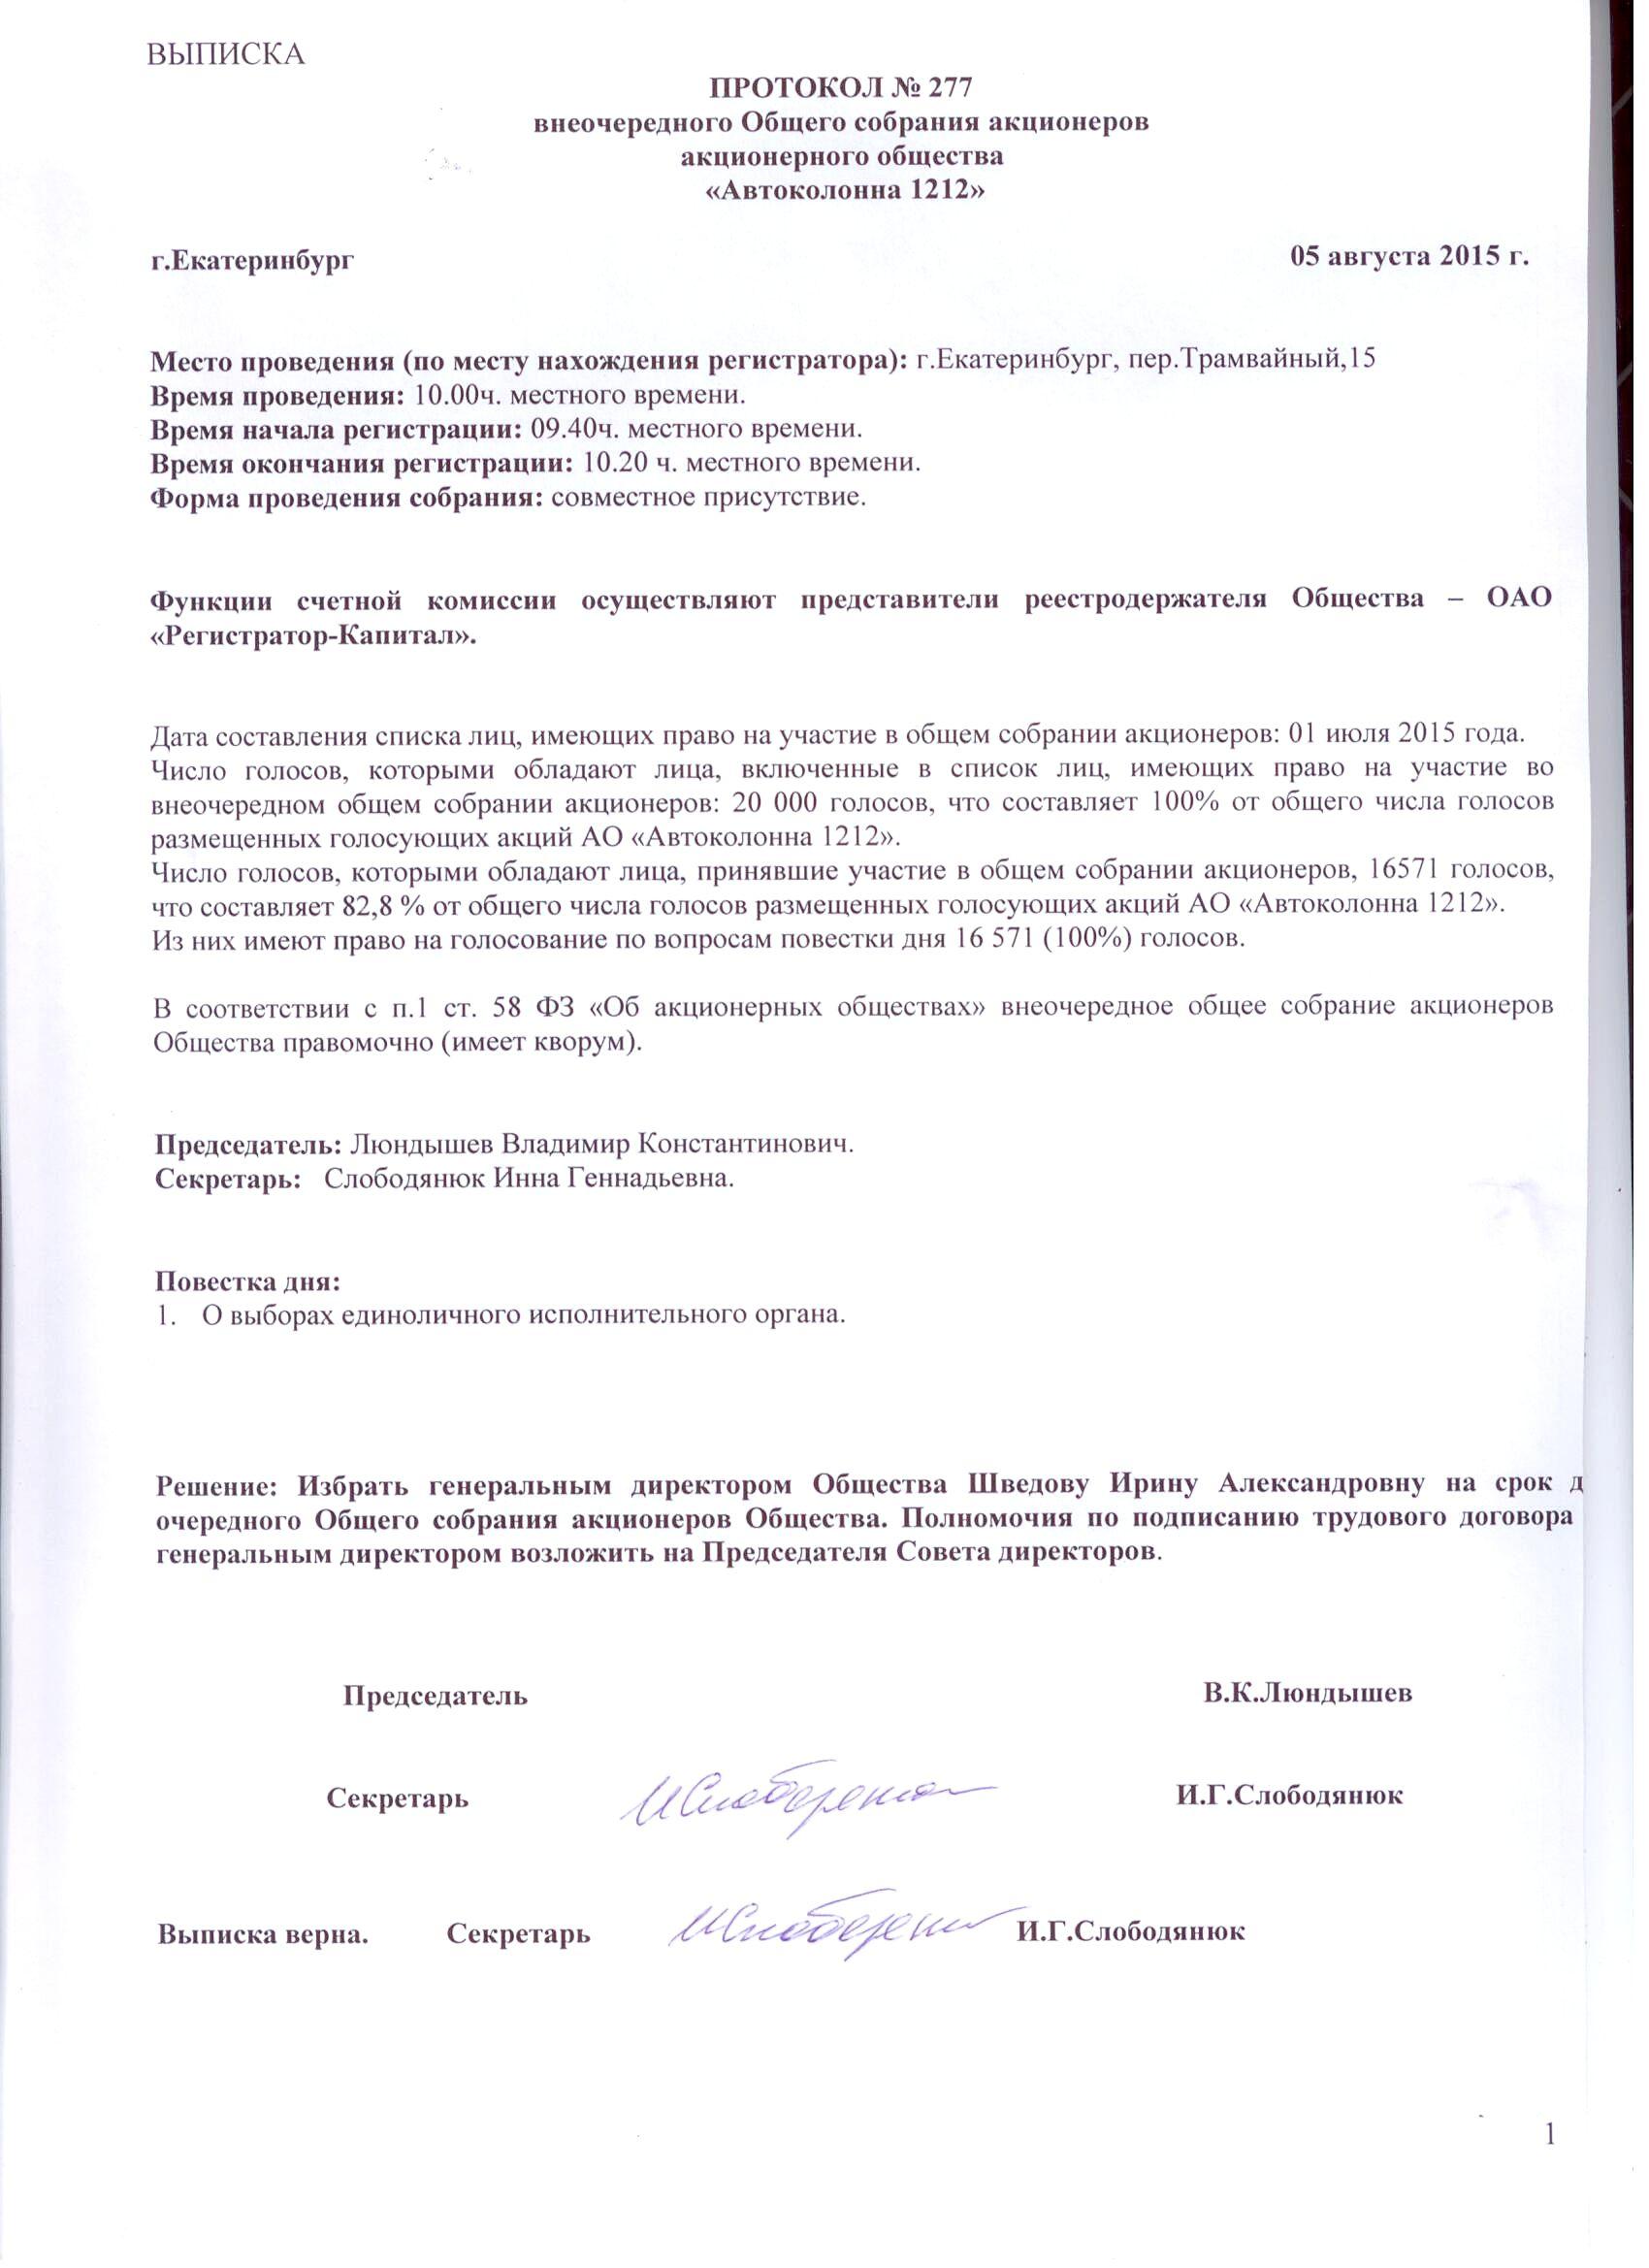 Протокол заседания или собрания, его содержание и образец 47